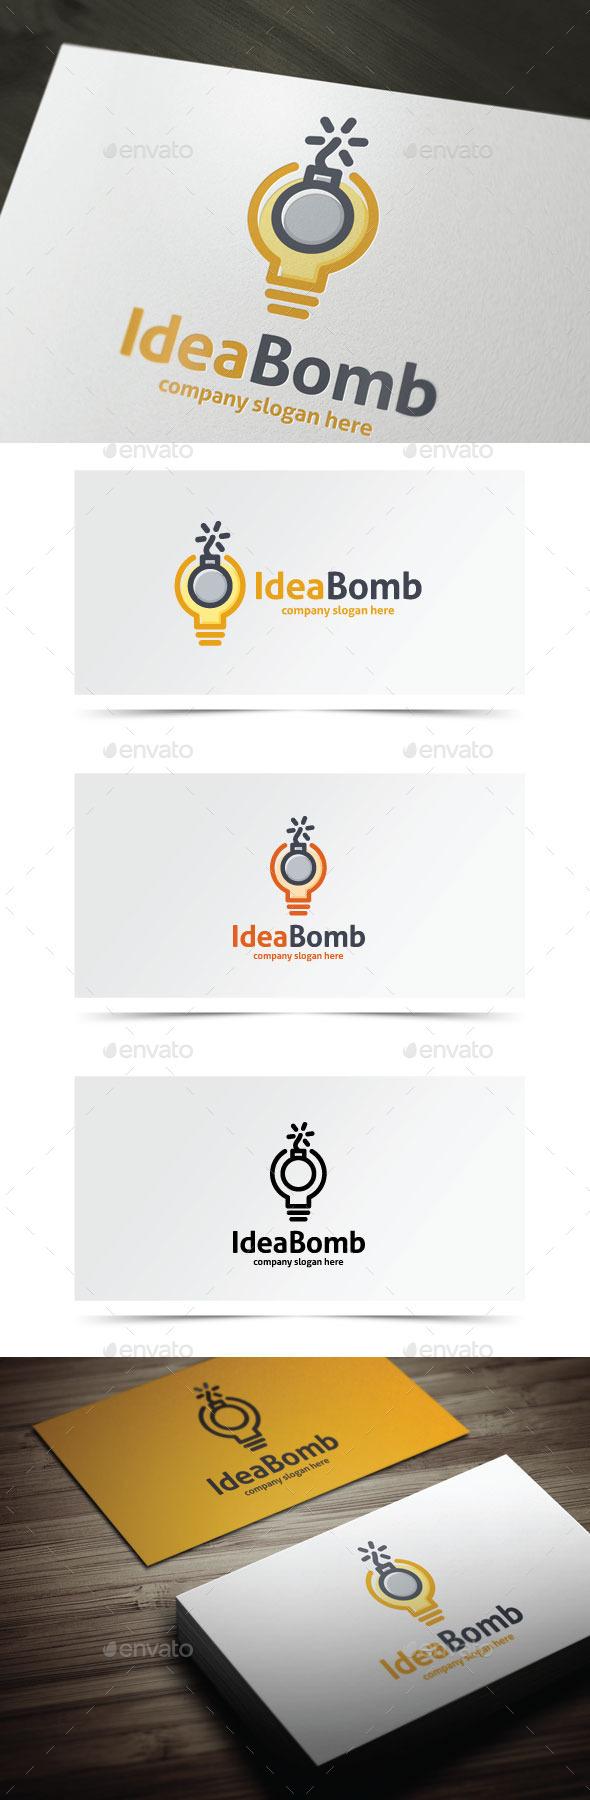 GraphicRiver Idea Bomb 9134523